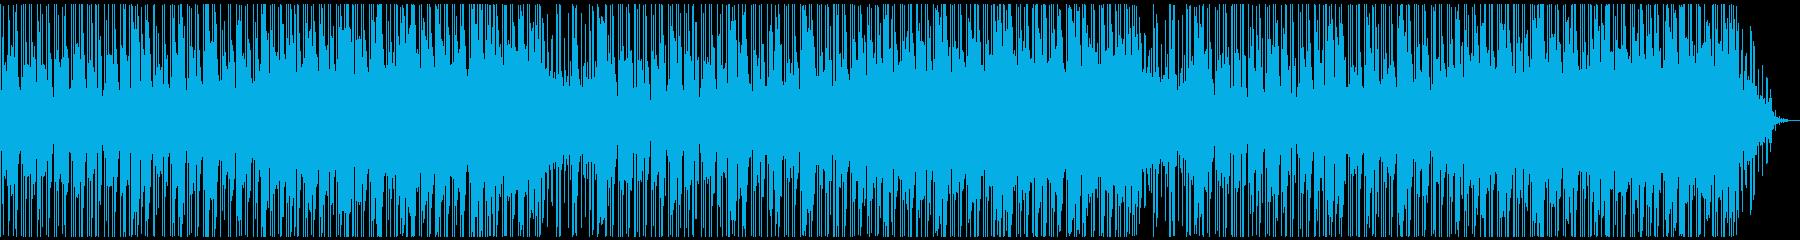 定番曲「スタイリッシュ」Aの再生済みの波形